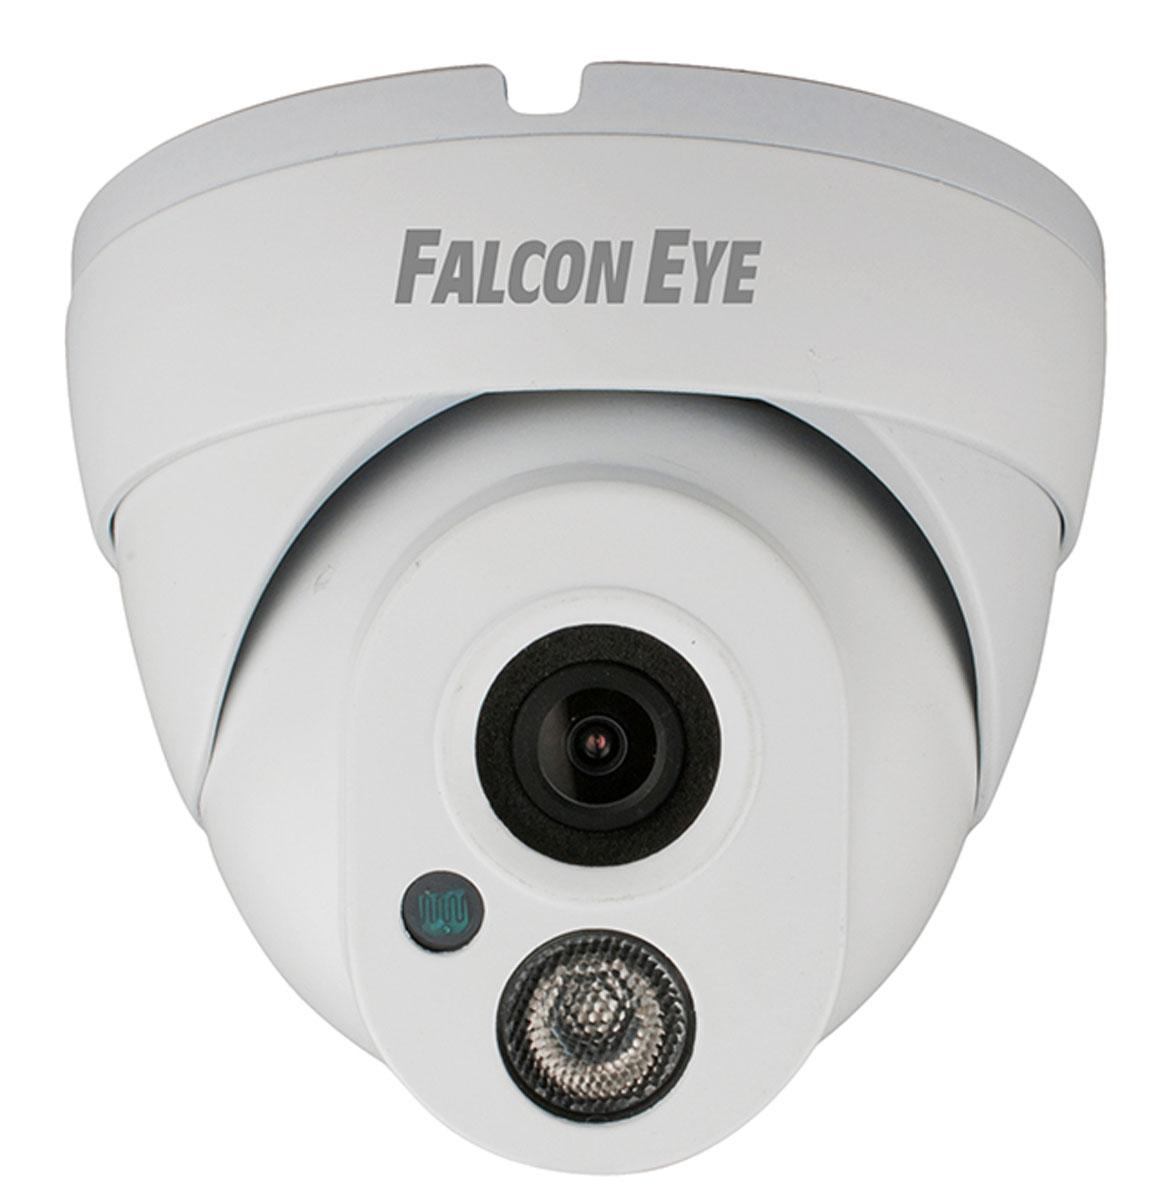 Falcon Eye FE-IPC-DL200P уличная IP-камераFE-IPC-DL200PНовая 2-мегапиксельная сетевая видеокамера Falcon Eye FE-IPC-DL200P выполнена на CMOS матрице 1/2.8 Sony CMOS с разрешением 2,43 мегапикселя. На камере установлен 5-мегапиксельный объектив с фиксированным фокусным расстоянием 3,6 мм. Камера выполнена в миниатюрном металлическом корпусе и способна выдавать в сеть видеопоток с разрешением 1920 х 1080Р. Возможность работать по Poe и аналоговый видеовыход являются дополнительным бонусом устройства.Скоростьзатвора: 1/25 - 1/10000День/Ночь: Авто/Ч/Б/Цвет/Внешняя подсветкаФункции: DWDR, Mirror, 3D NR, настройки изображенияКодирование: два потока, основной поток:1920 х 1080 25 к/сВидео битрейт: 16Kbps-8000KbpsПоддержкамобильных платформ IOS, AndroidПотребляемая мощность: менее 5 Вт